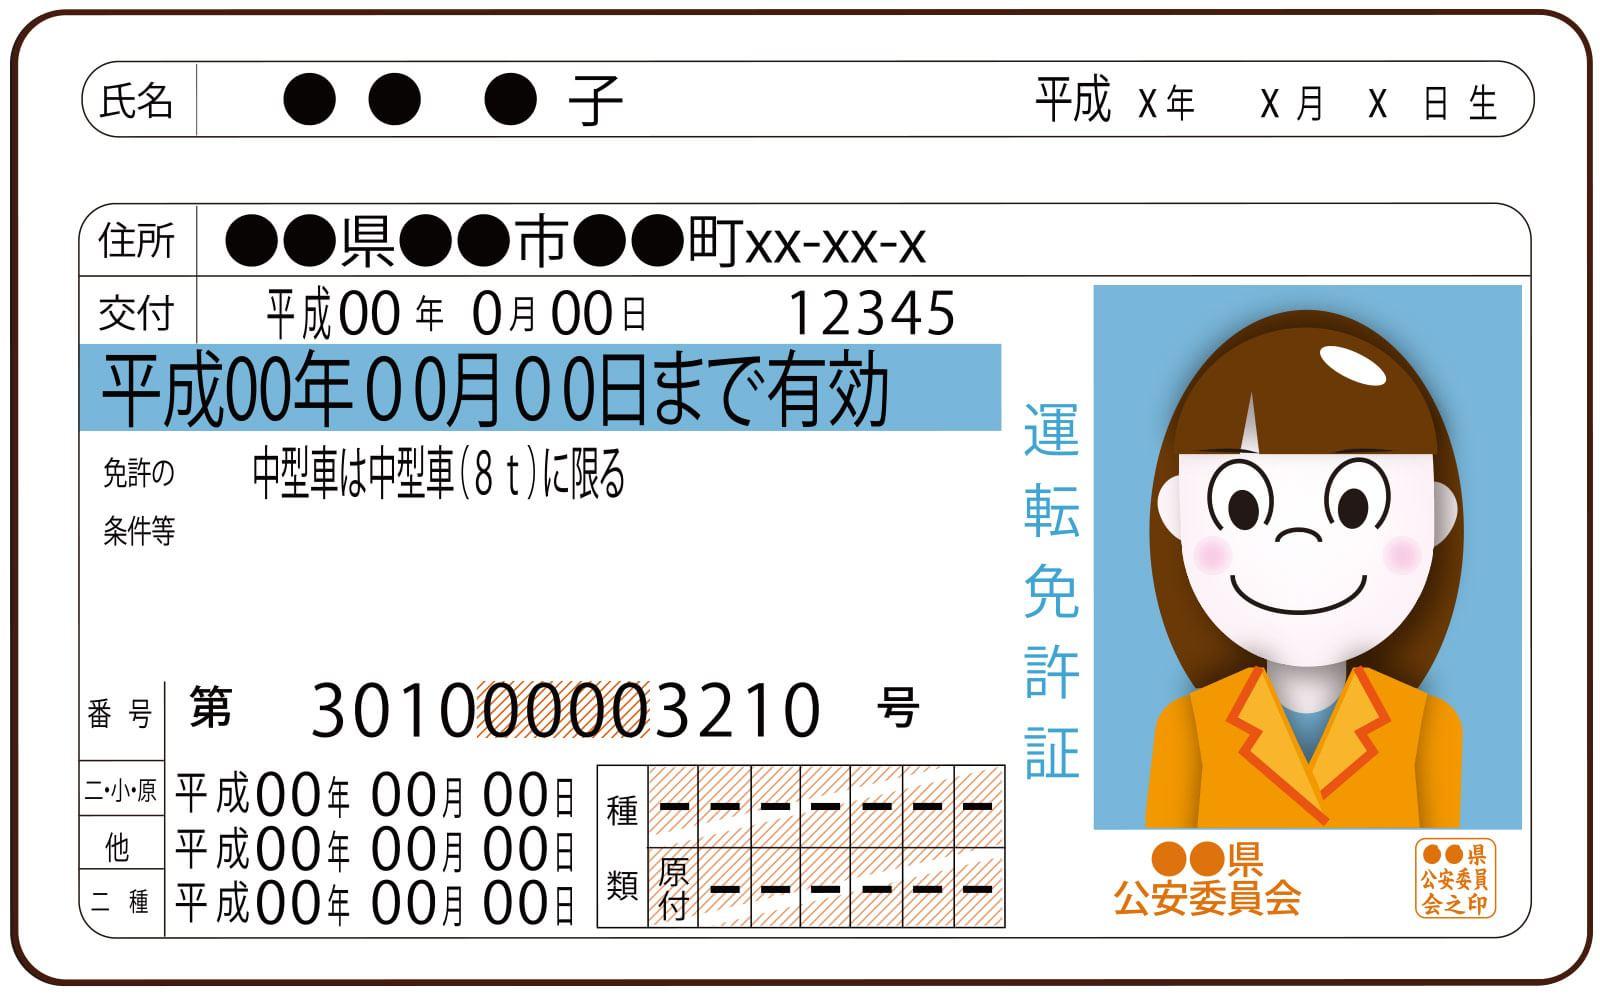 記事ID13325のサムネイル画像